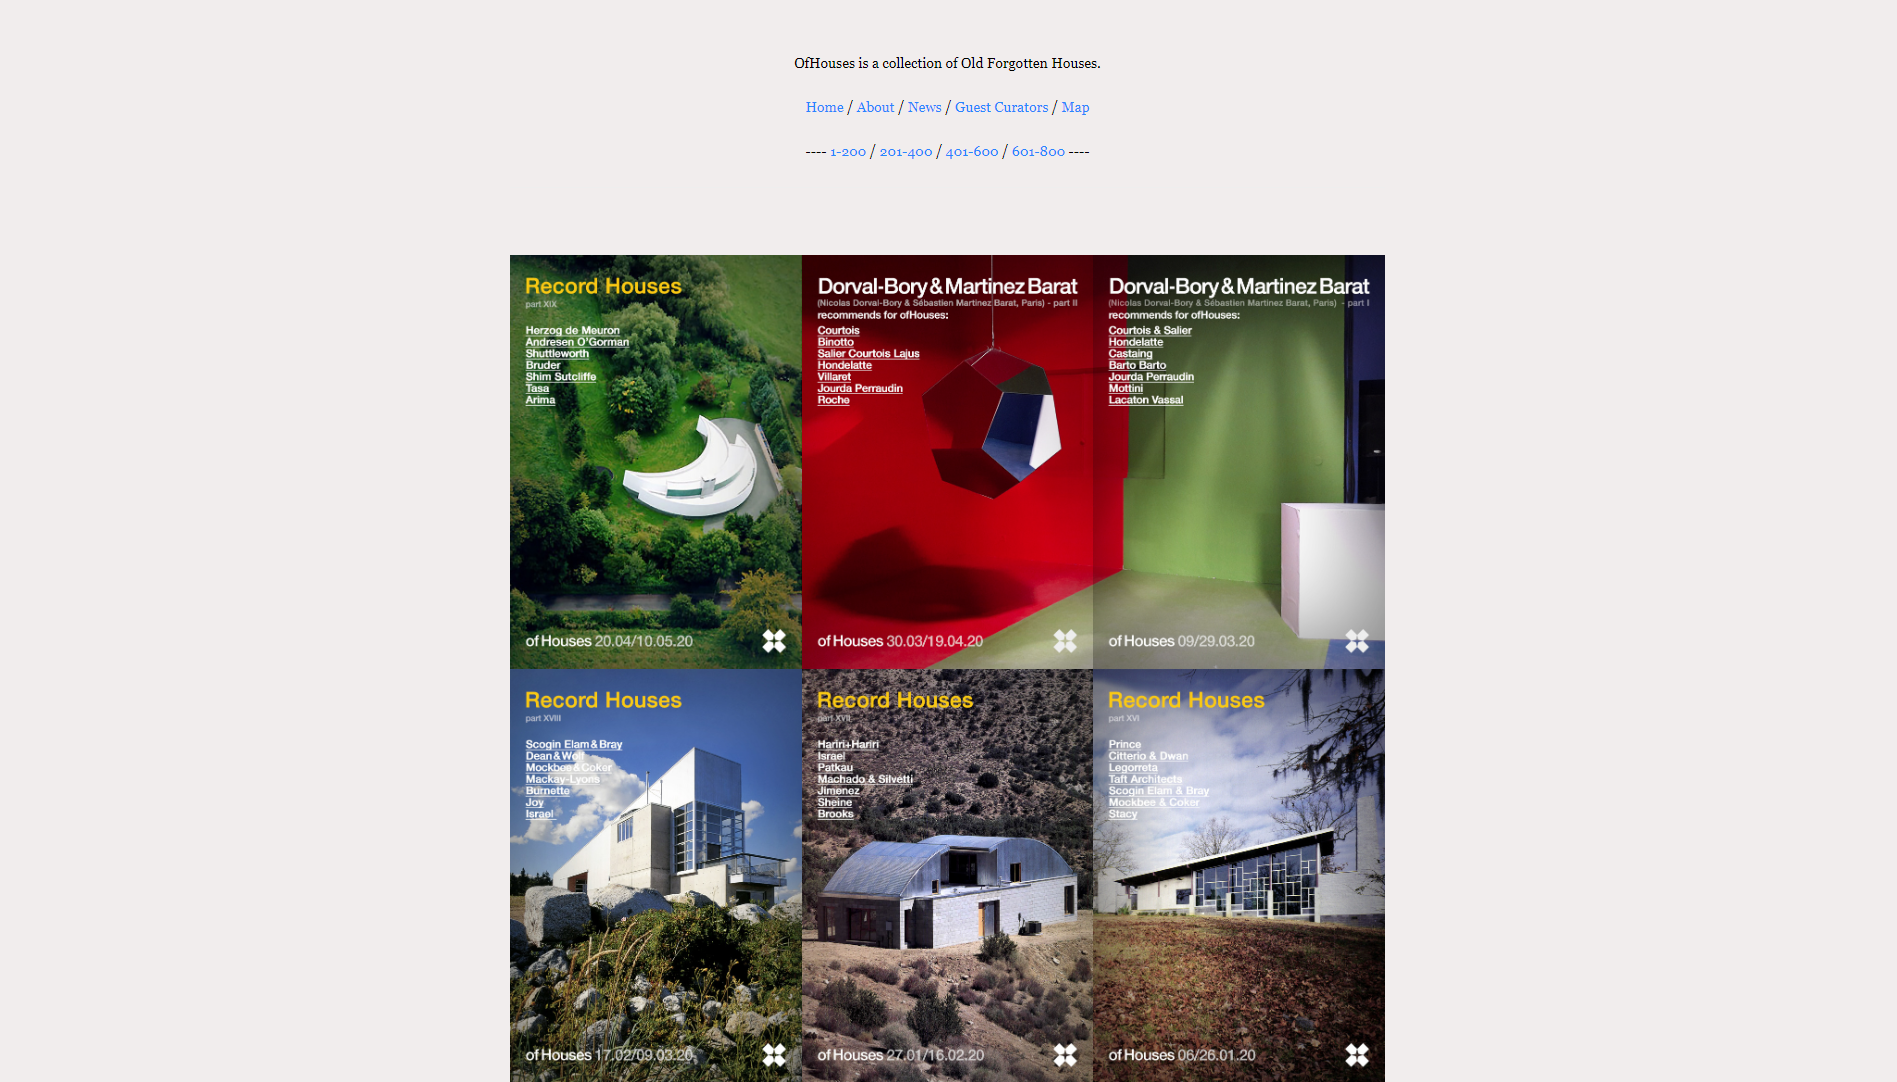 Ofhouses è un sito di architettura che raccoglie e pubblica unicamente edifici residenziali.